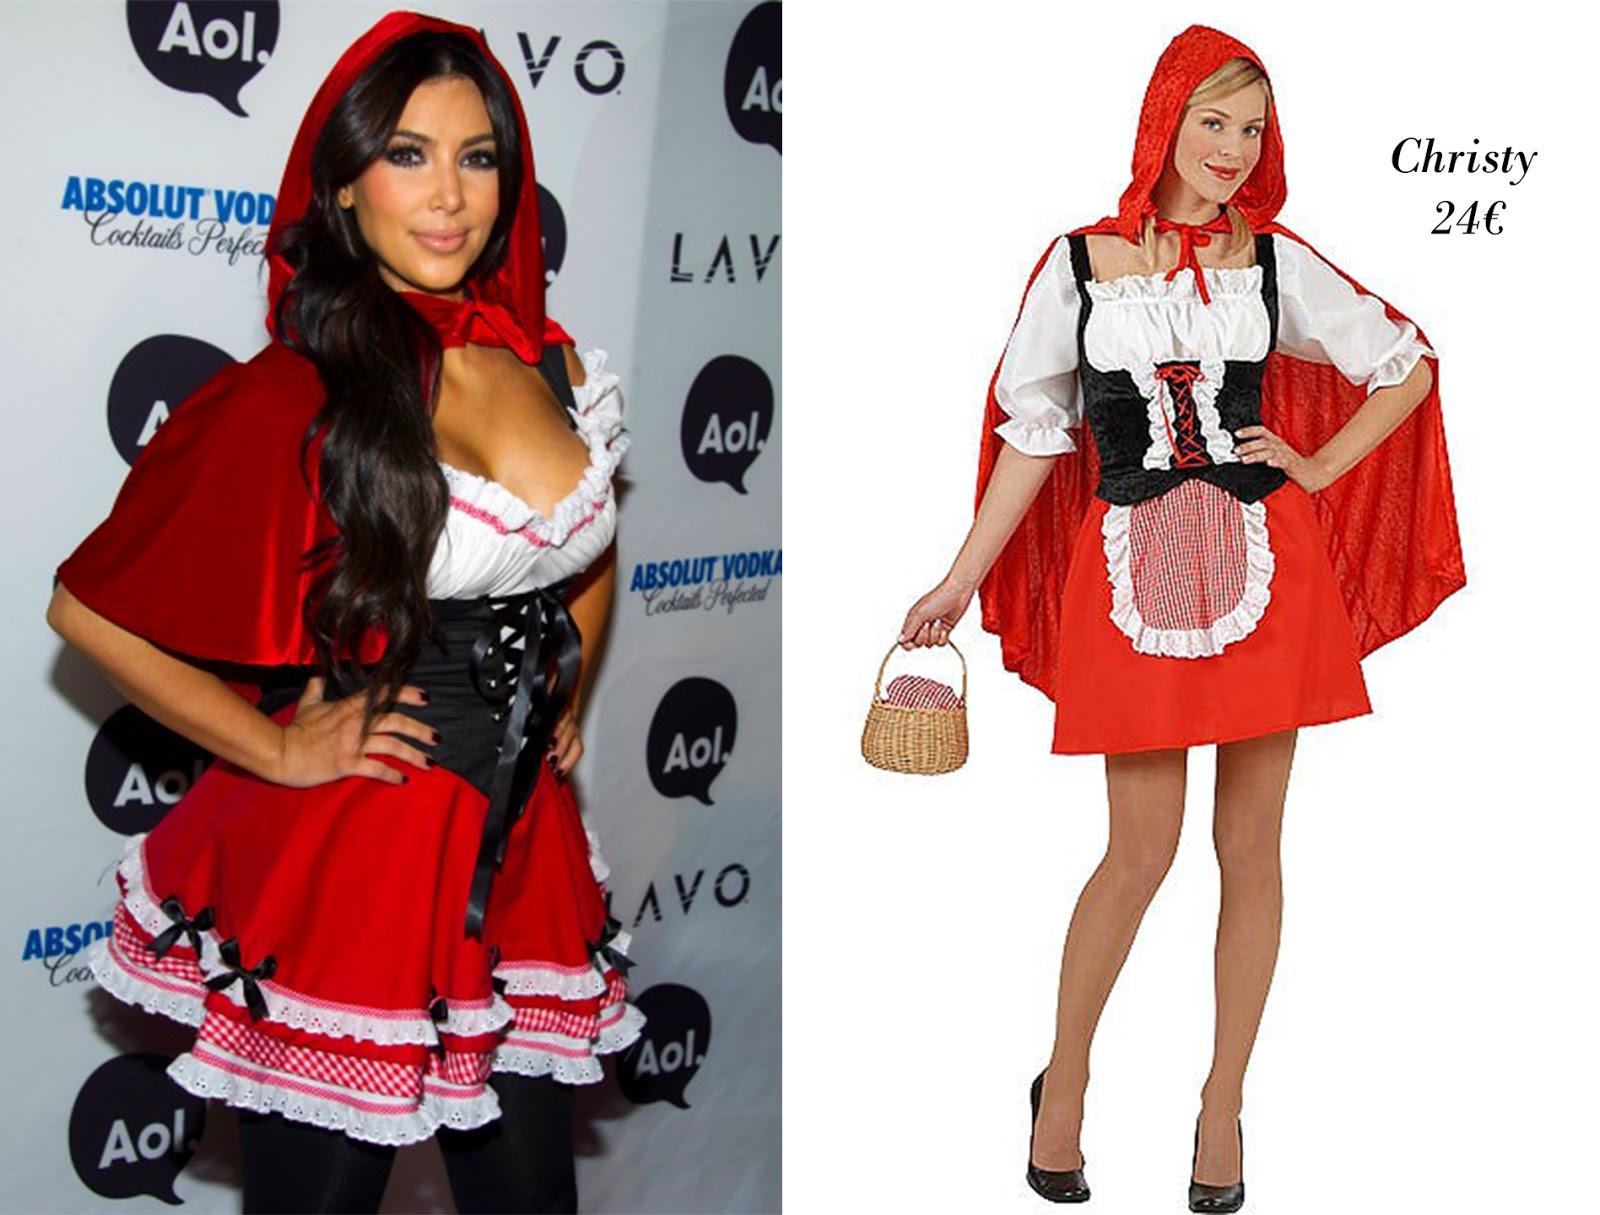 http://2.bp.blogspot.com/-W-m0Pa45yNo/UI297lyGpuI/AAAAAAAADMI/iisAQWICMY0/s1600/Kim+Kardashian+Caperucita+roja.jpg